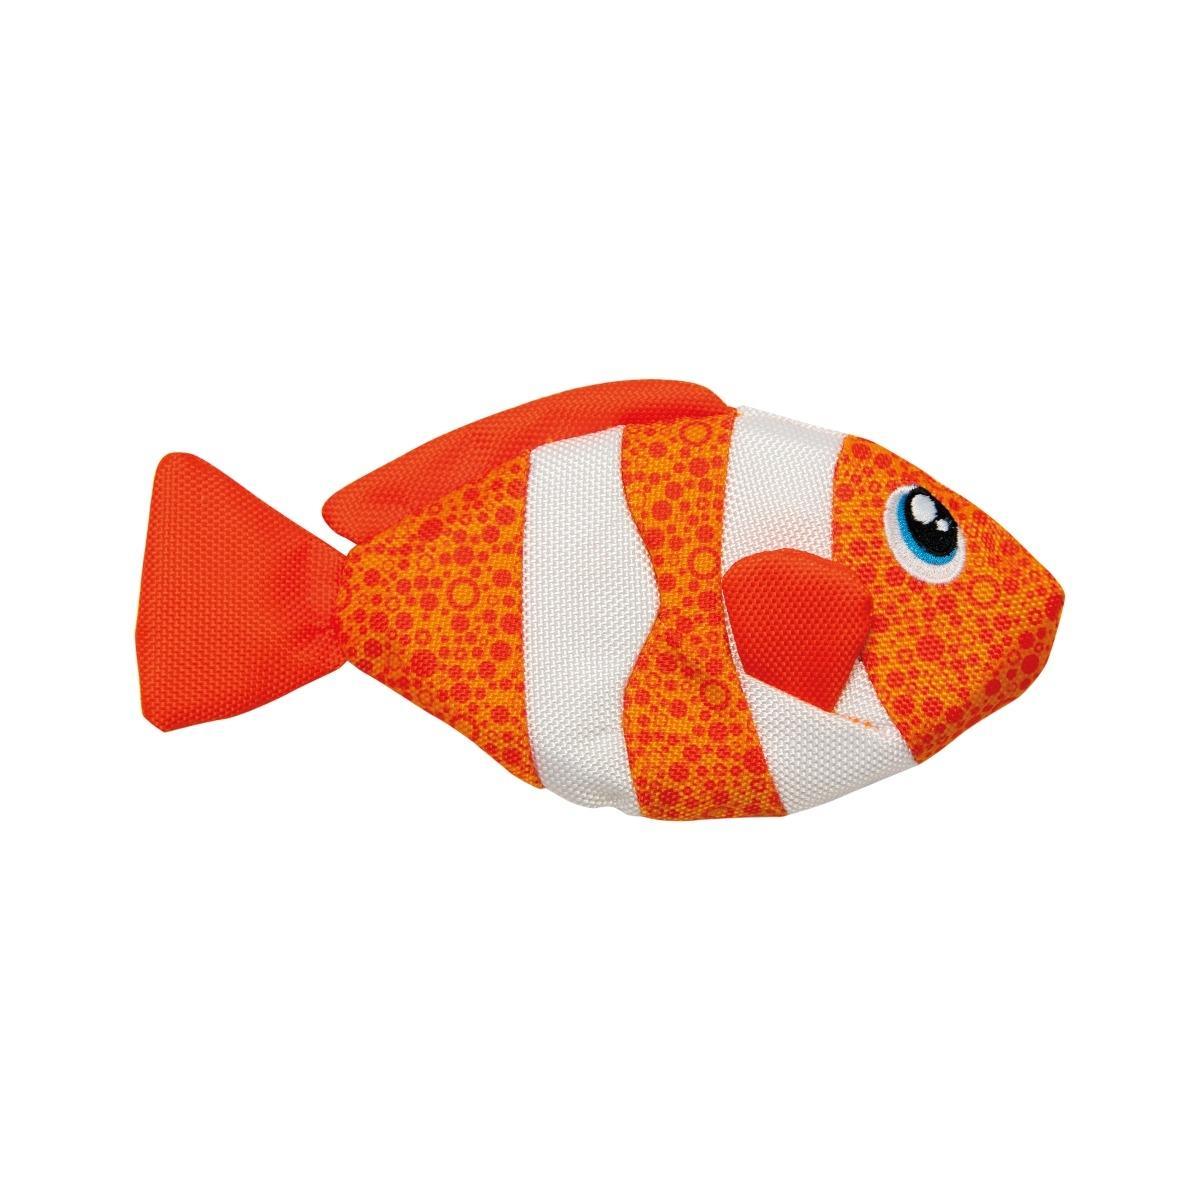 Outward Hound Floatiez Dog Toy - Clown Fish